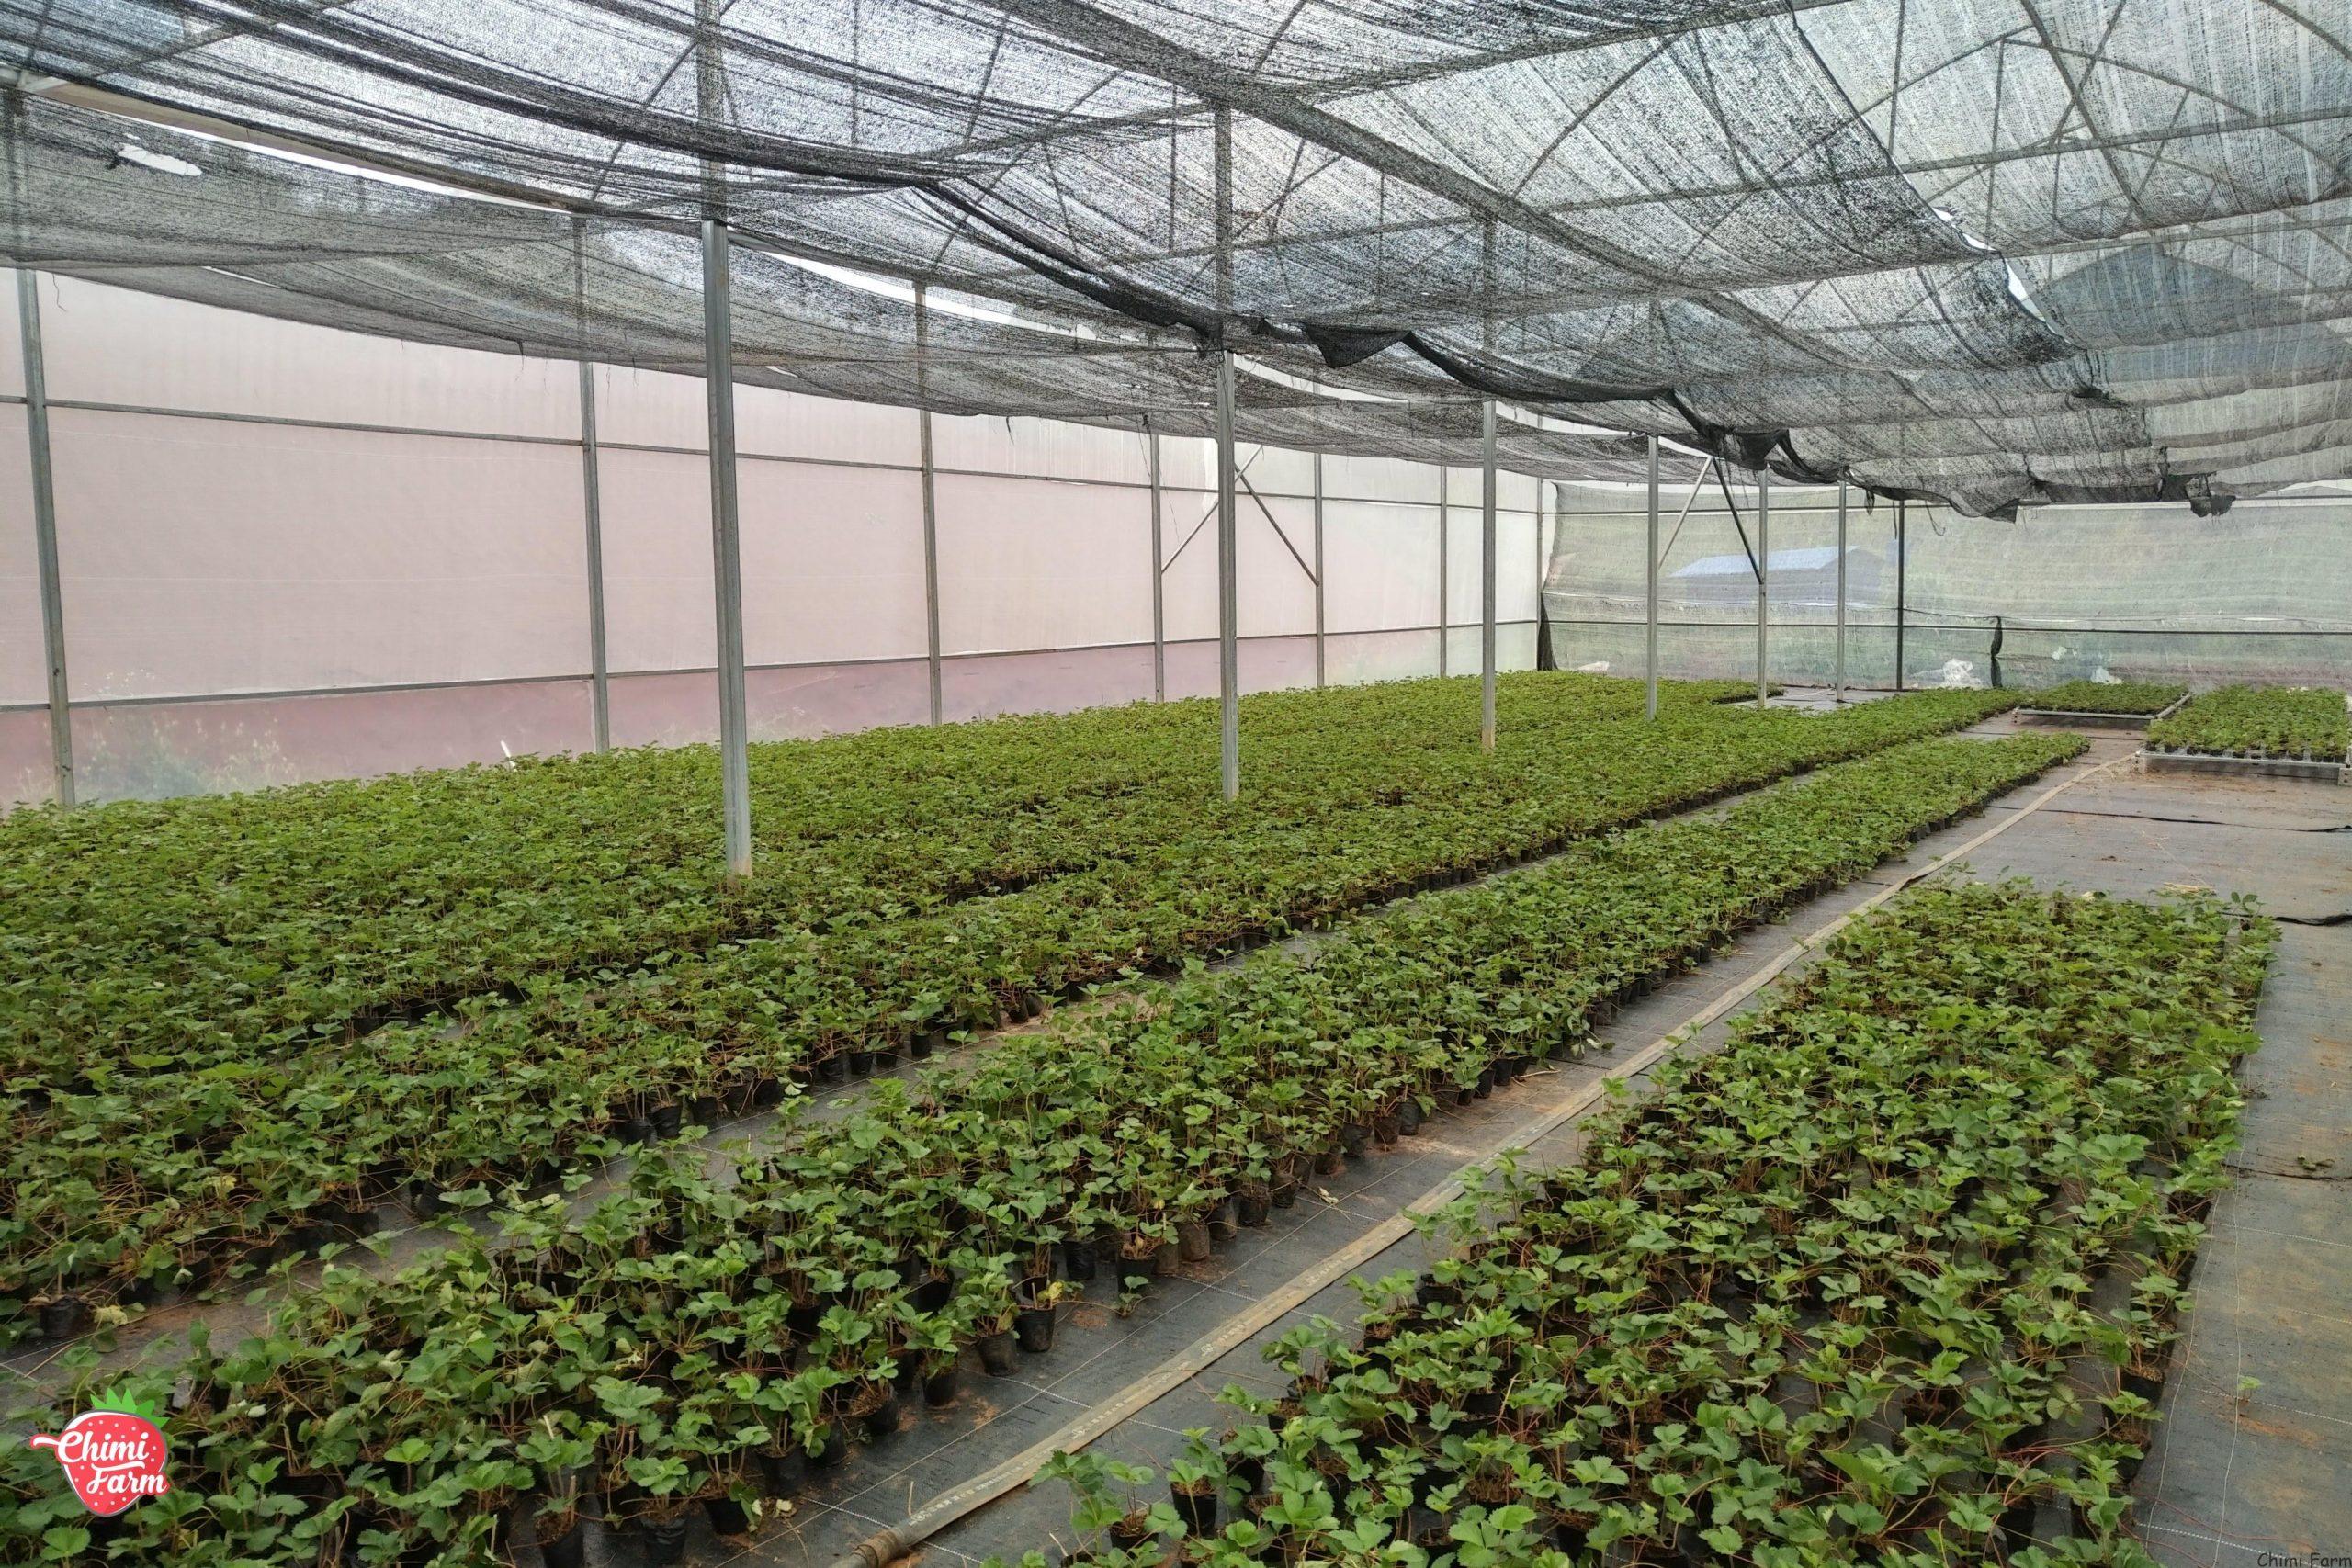 Mua cây giống dâu tây Mộc Châu ở đâu uy tín chất lượng. Liên hệ mua cây dâu tây giống, tư vấn kỹ thuật 082.989.1110